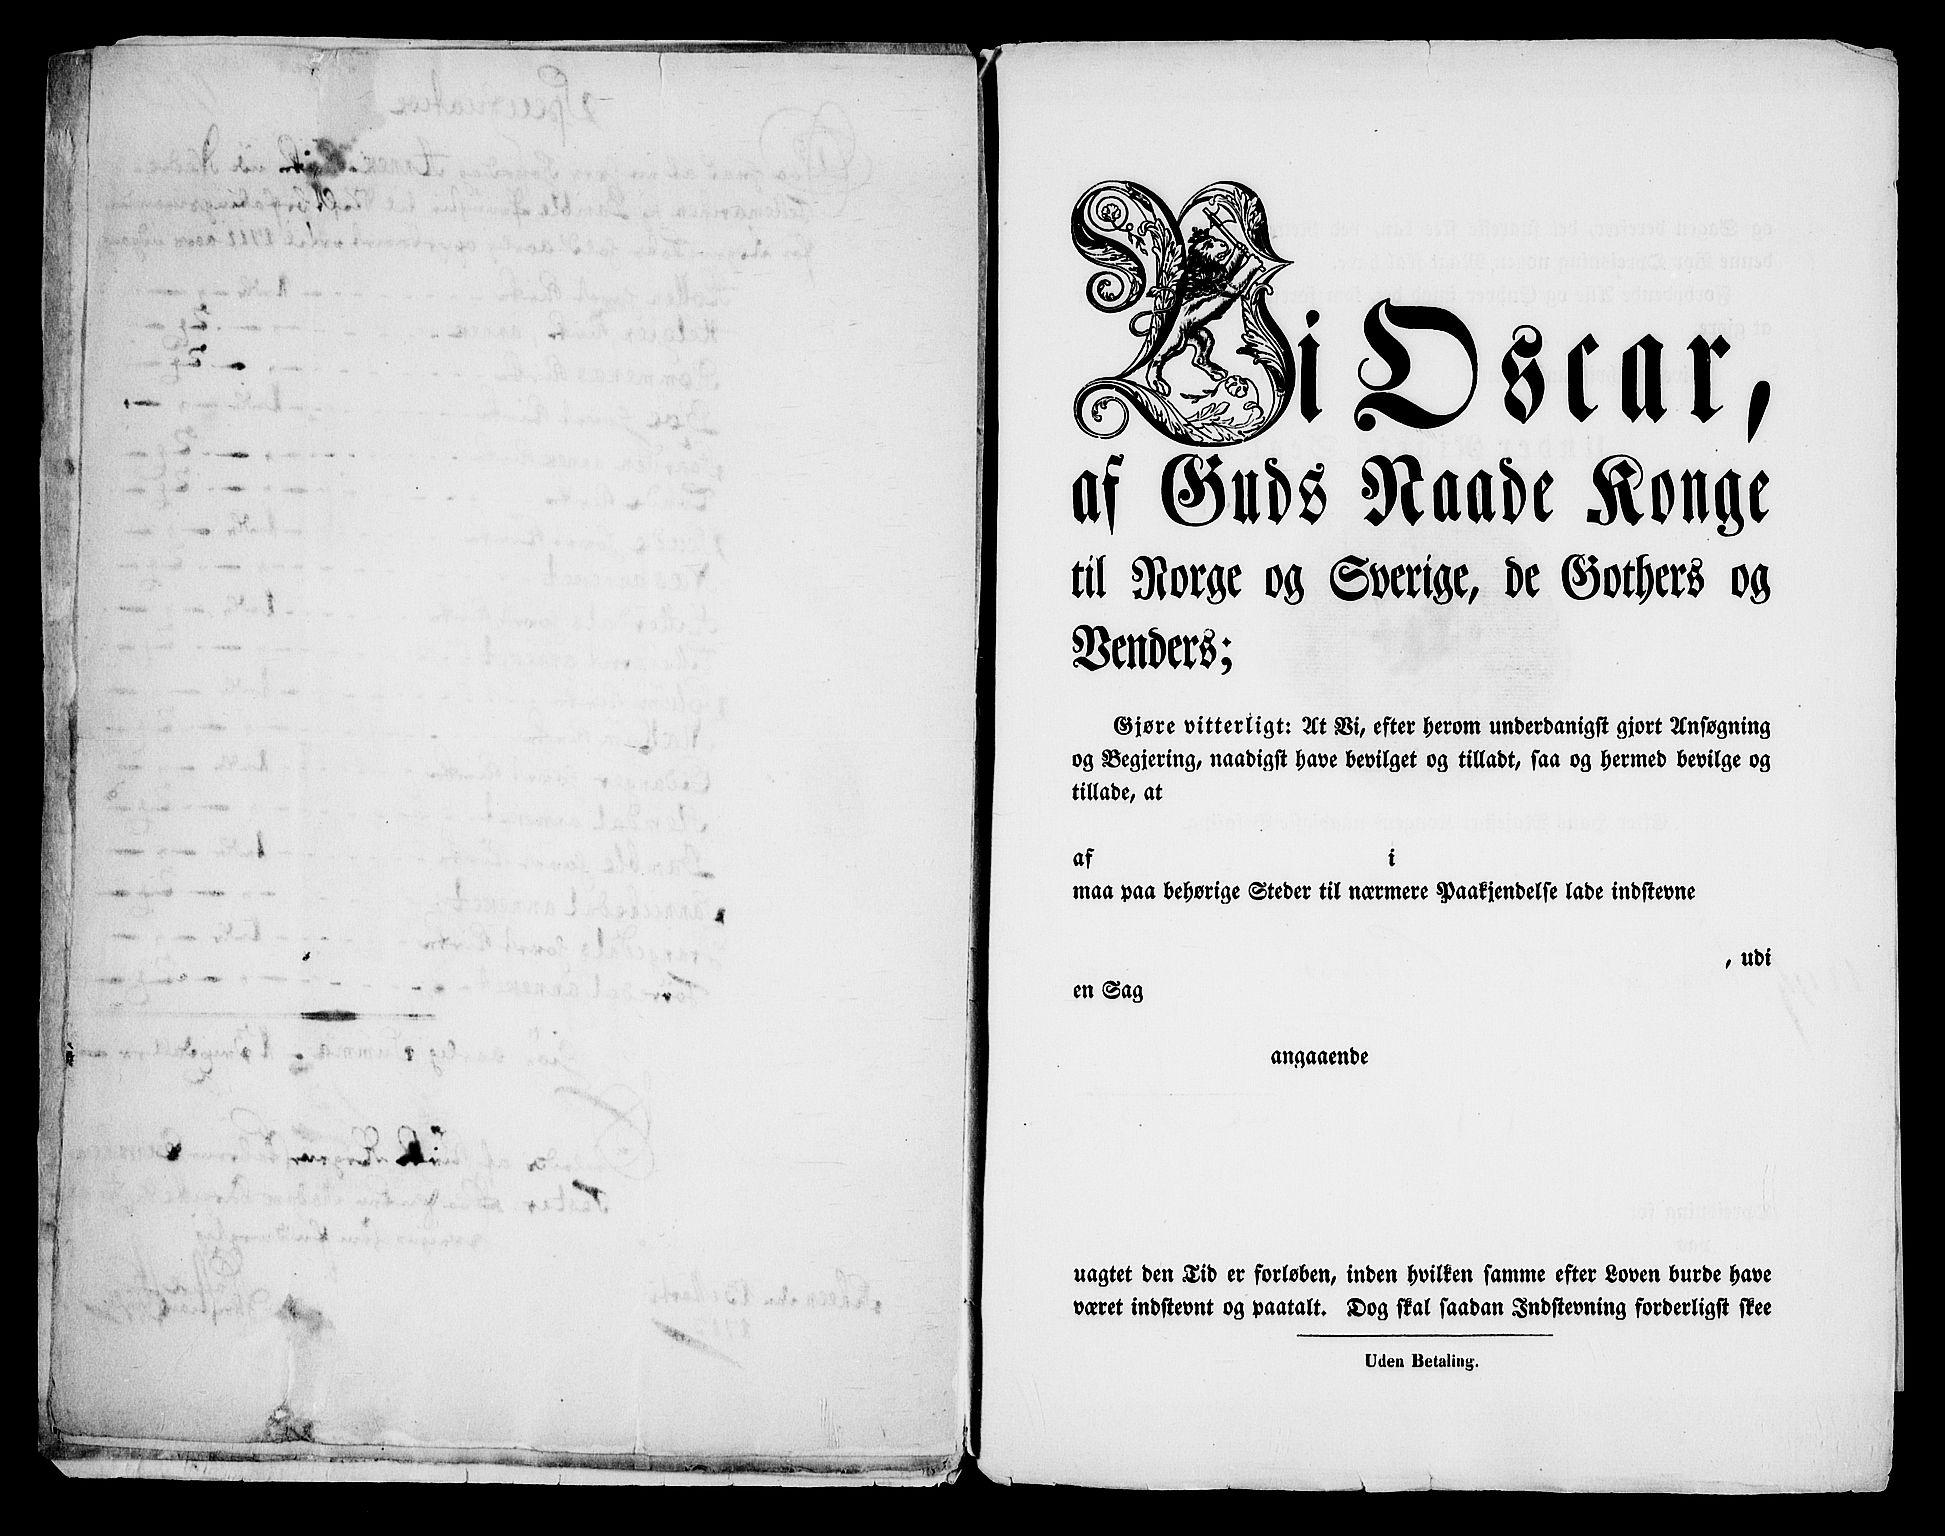 RA, Danske Kanselli, Skapsaker, G/L0019: Tillegg til skapsakene, 1616-1753, s. 391